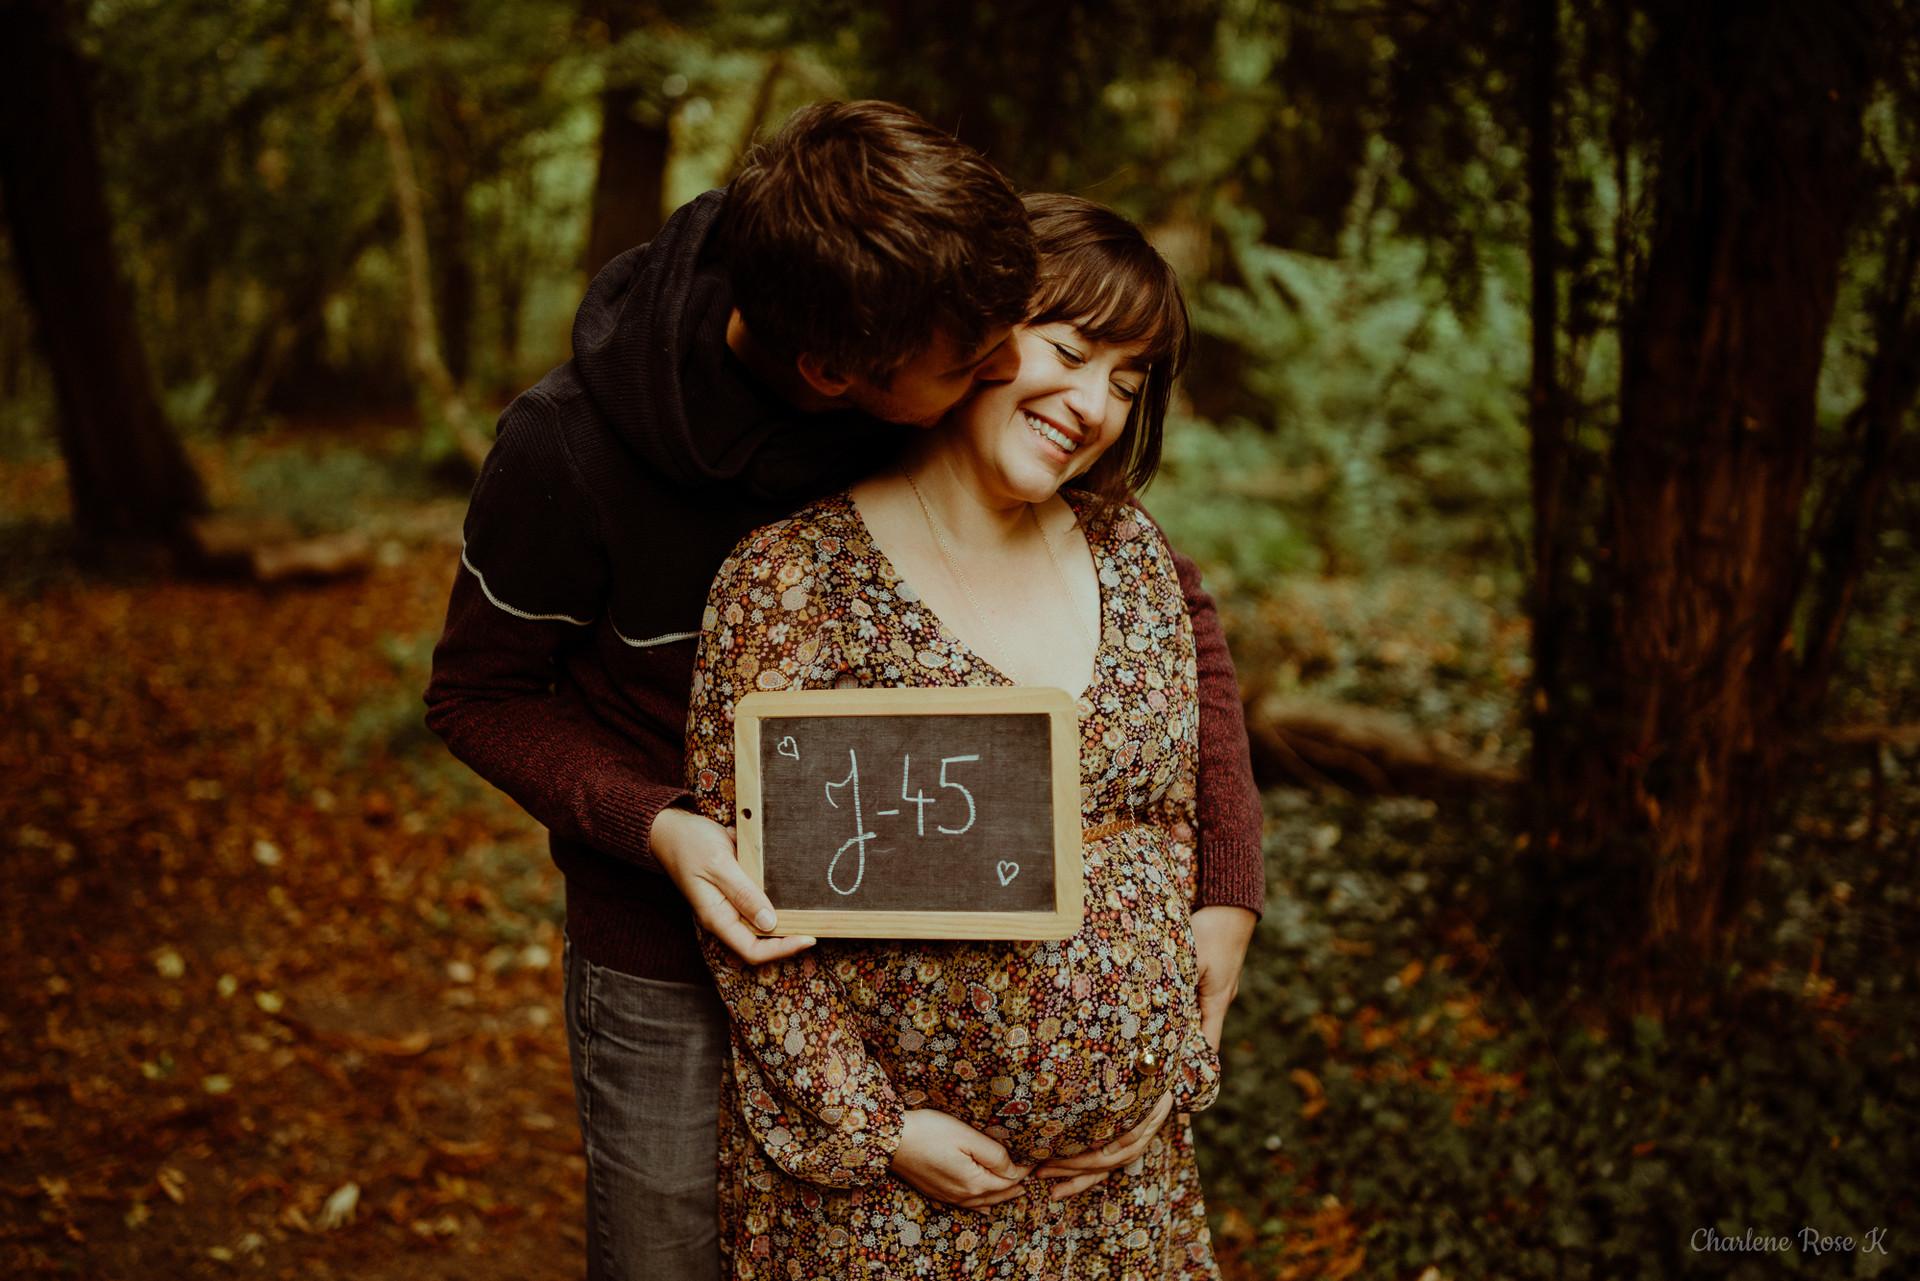 photographe-troyes-grossesse-maternité-exterieur-lifestyle-automne-crk-20